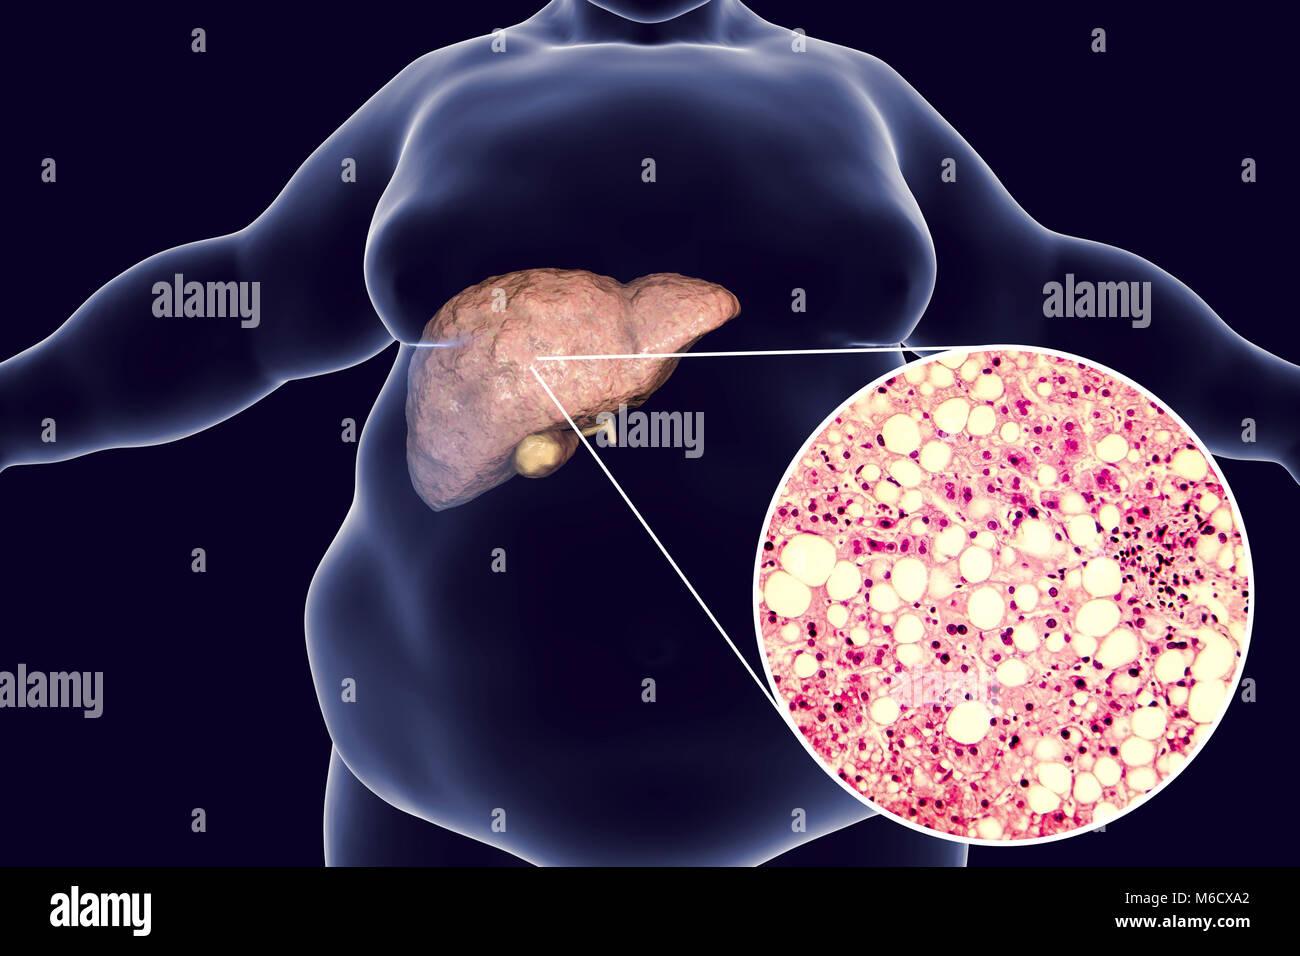 Fatty Liver Imágenes De Stock & Fatty Liver Fotos De Stock - Alamy